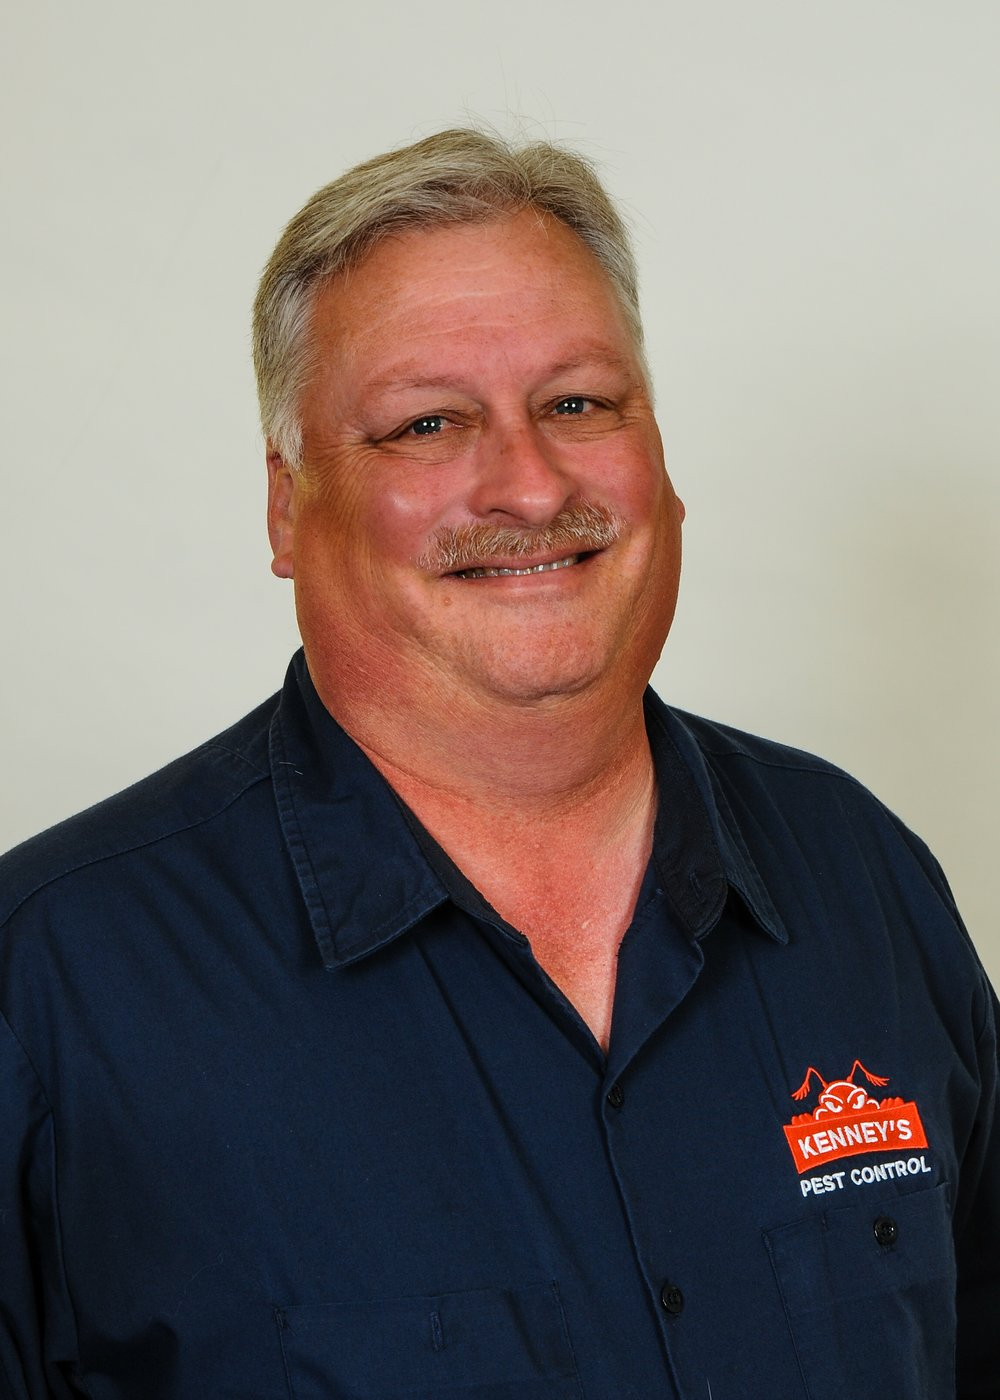 Dennis Kindred - Owner